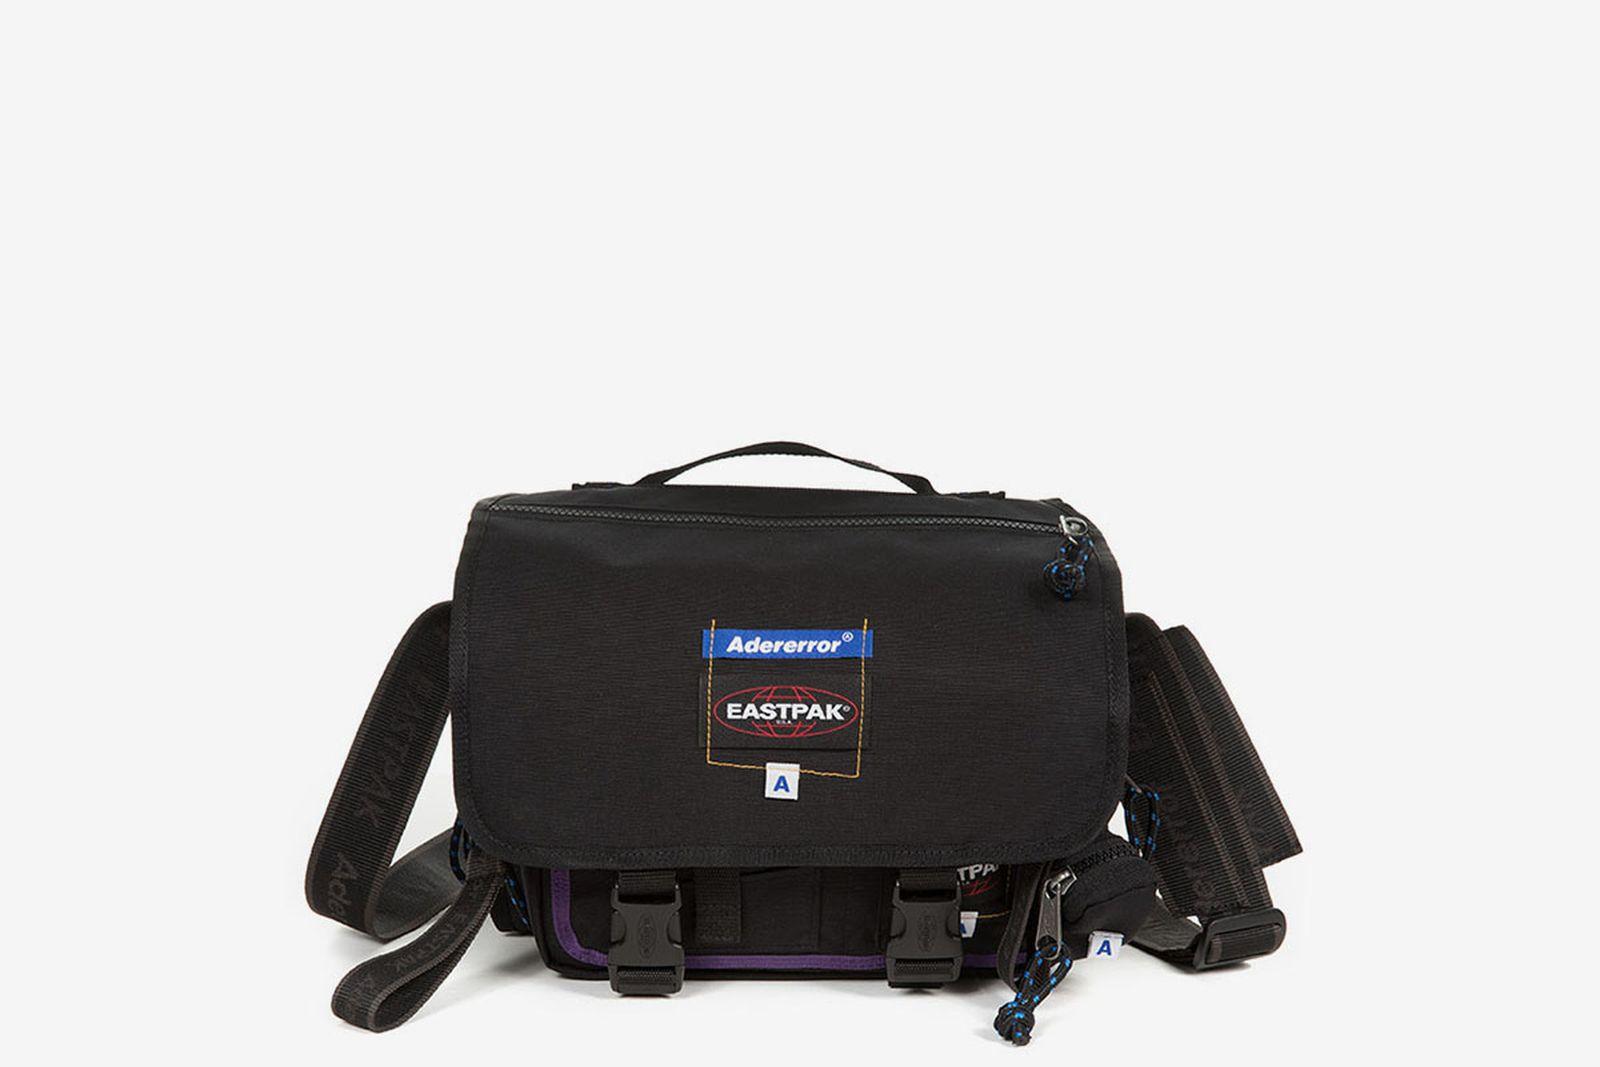 ader-error-eastpak-bags-10